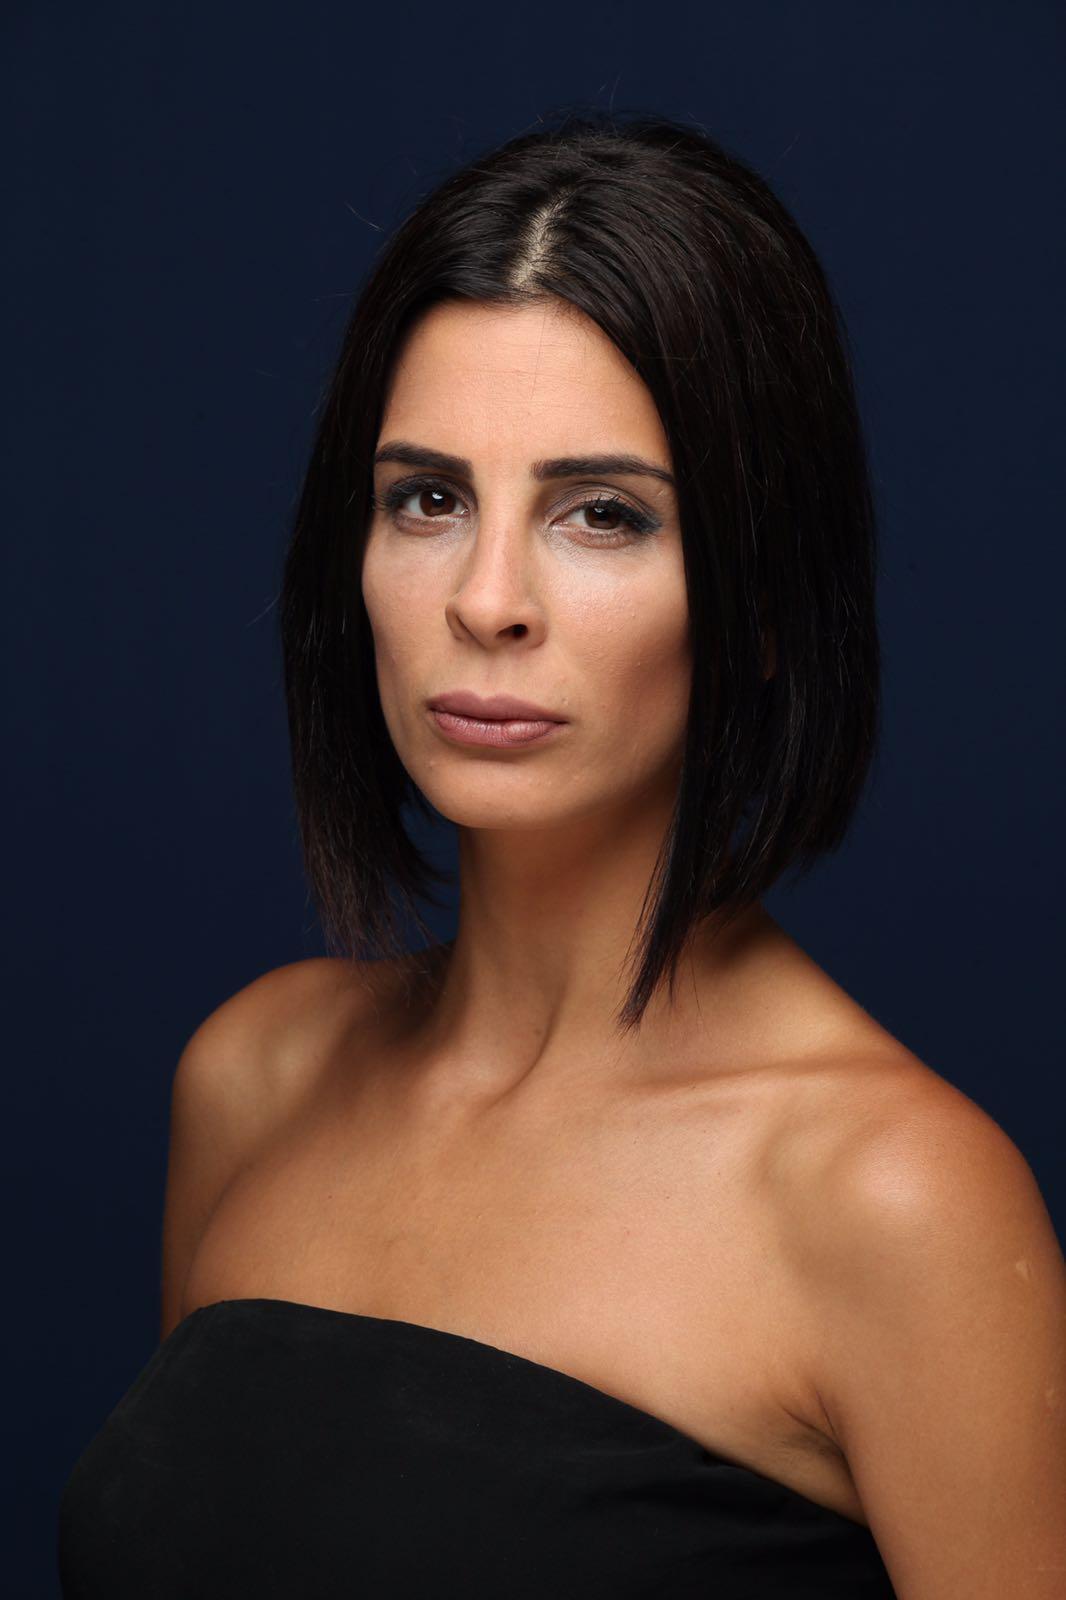 Eylül Öztürk - Profil Fotoğrafı